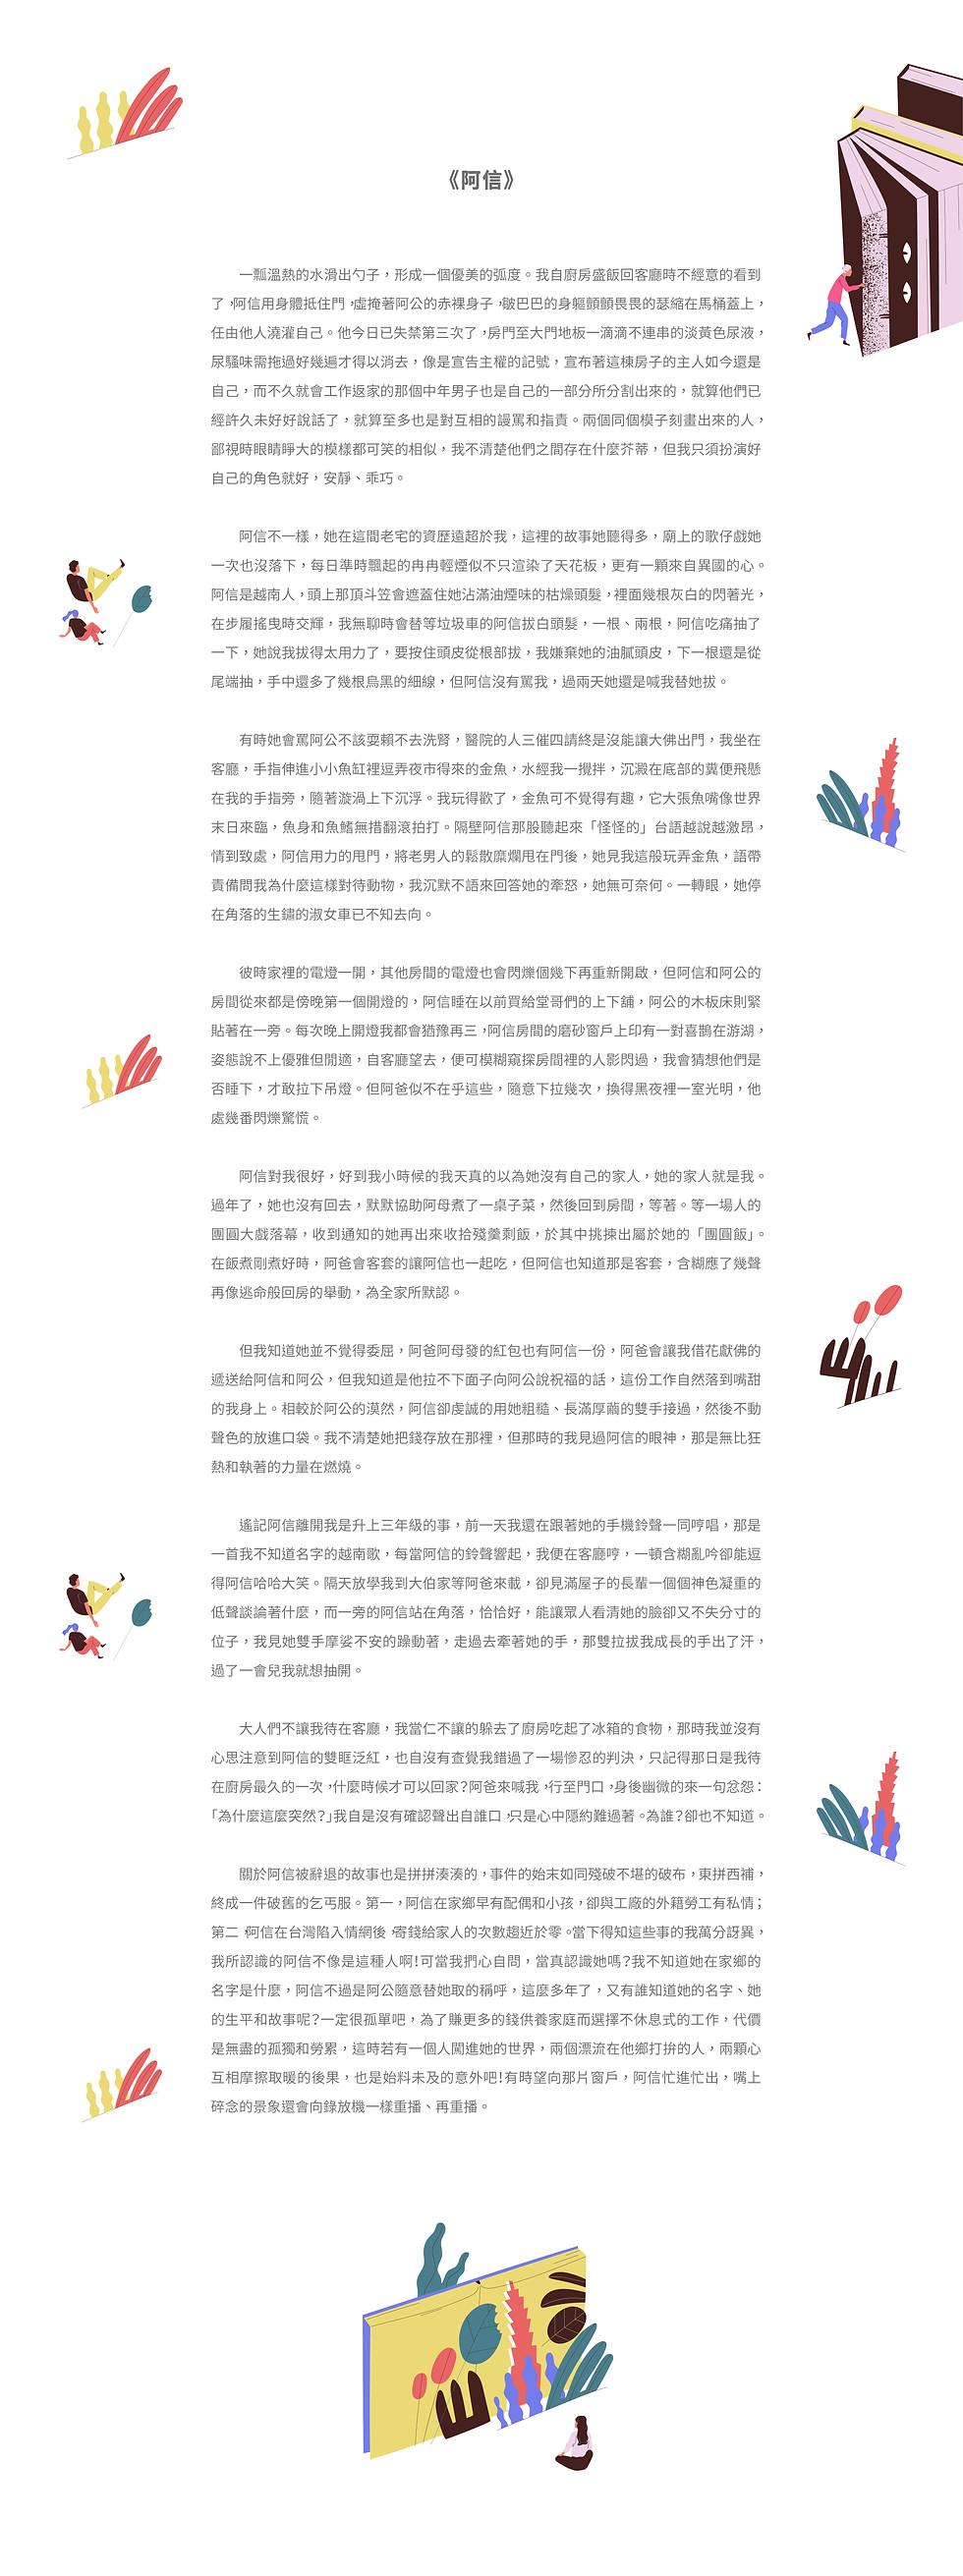 入圍作品_散文組_評審獎-03.jpg